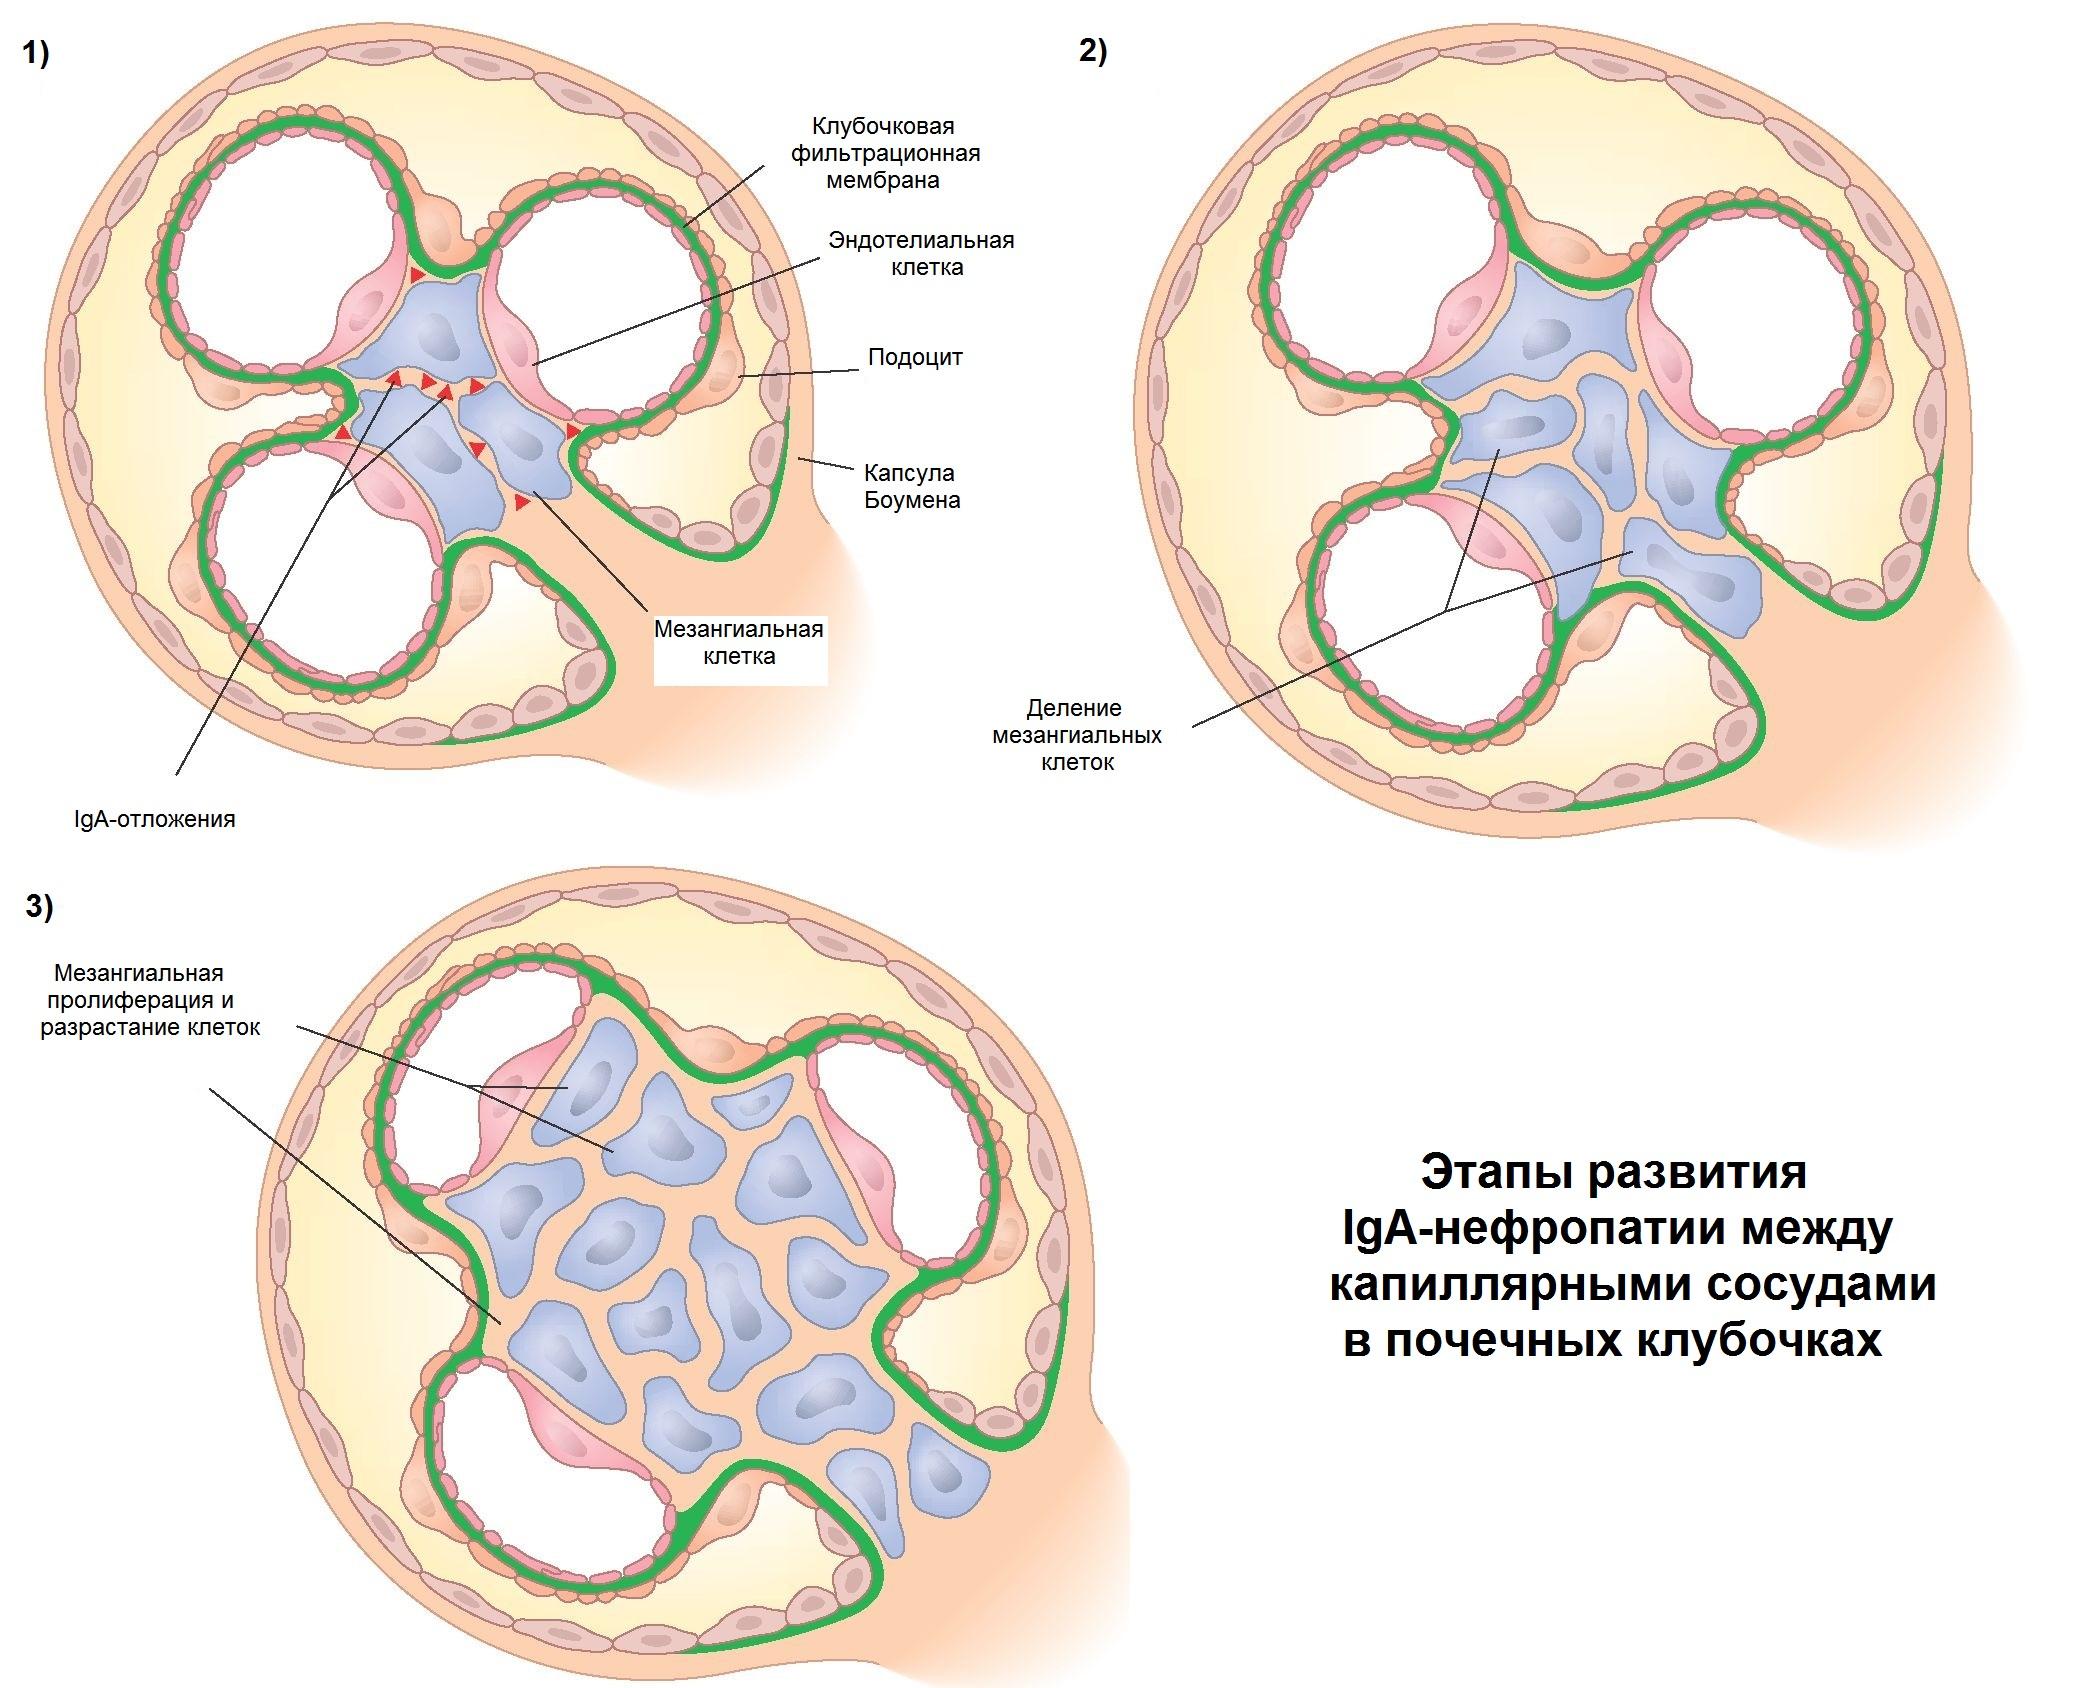 Этапы развития  IgA-нефропатии между  капиллярными сосудами в почечных клубочках